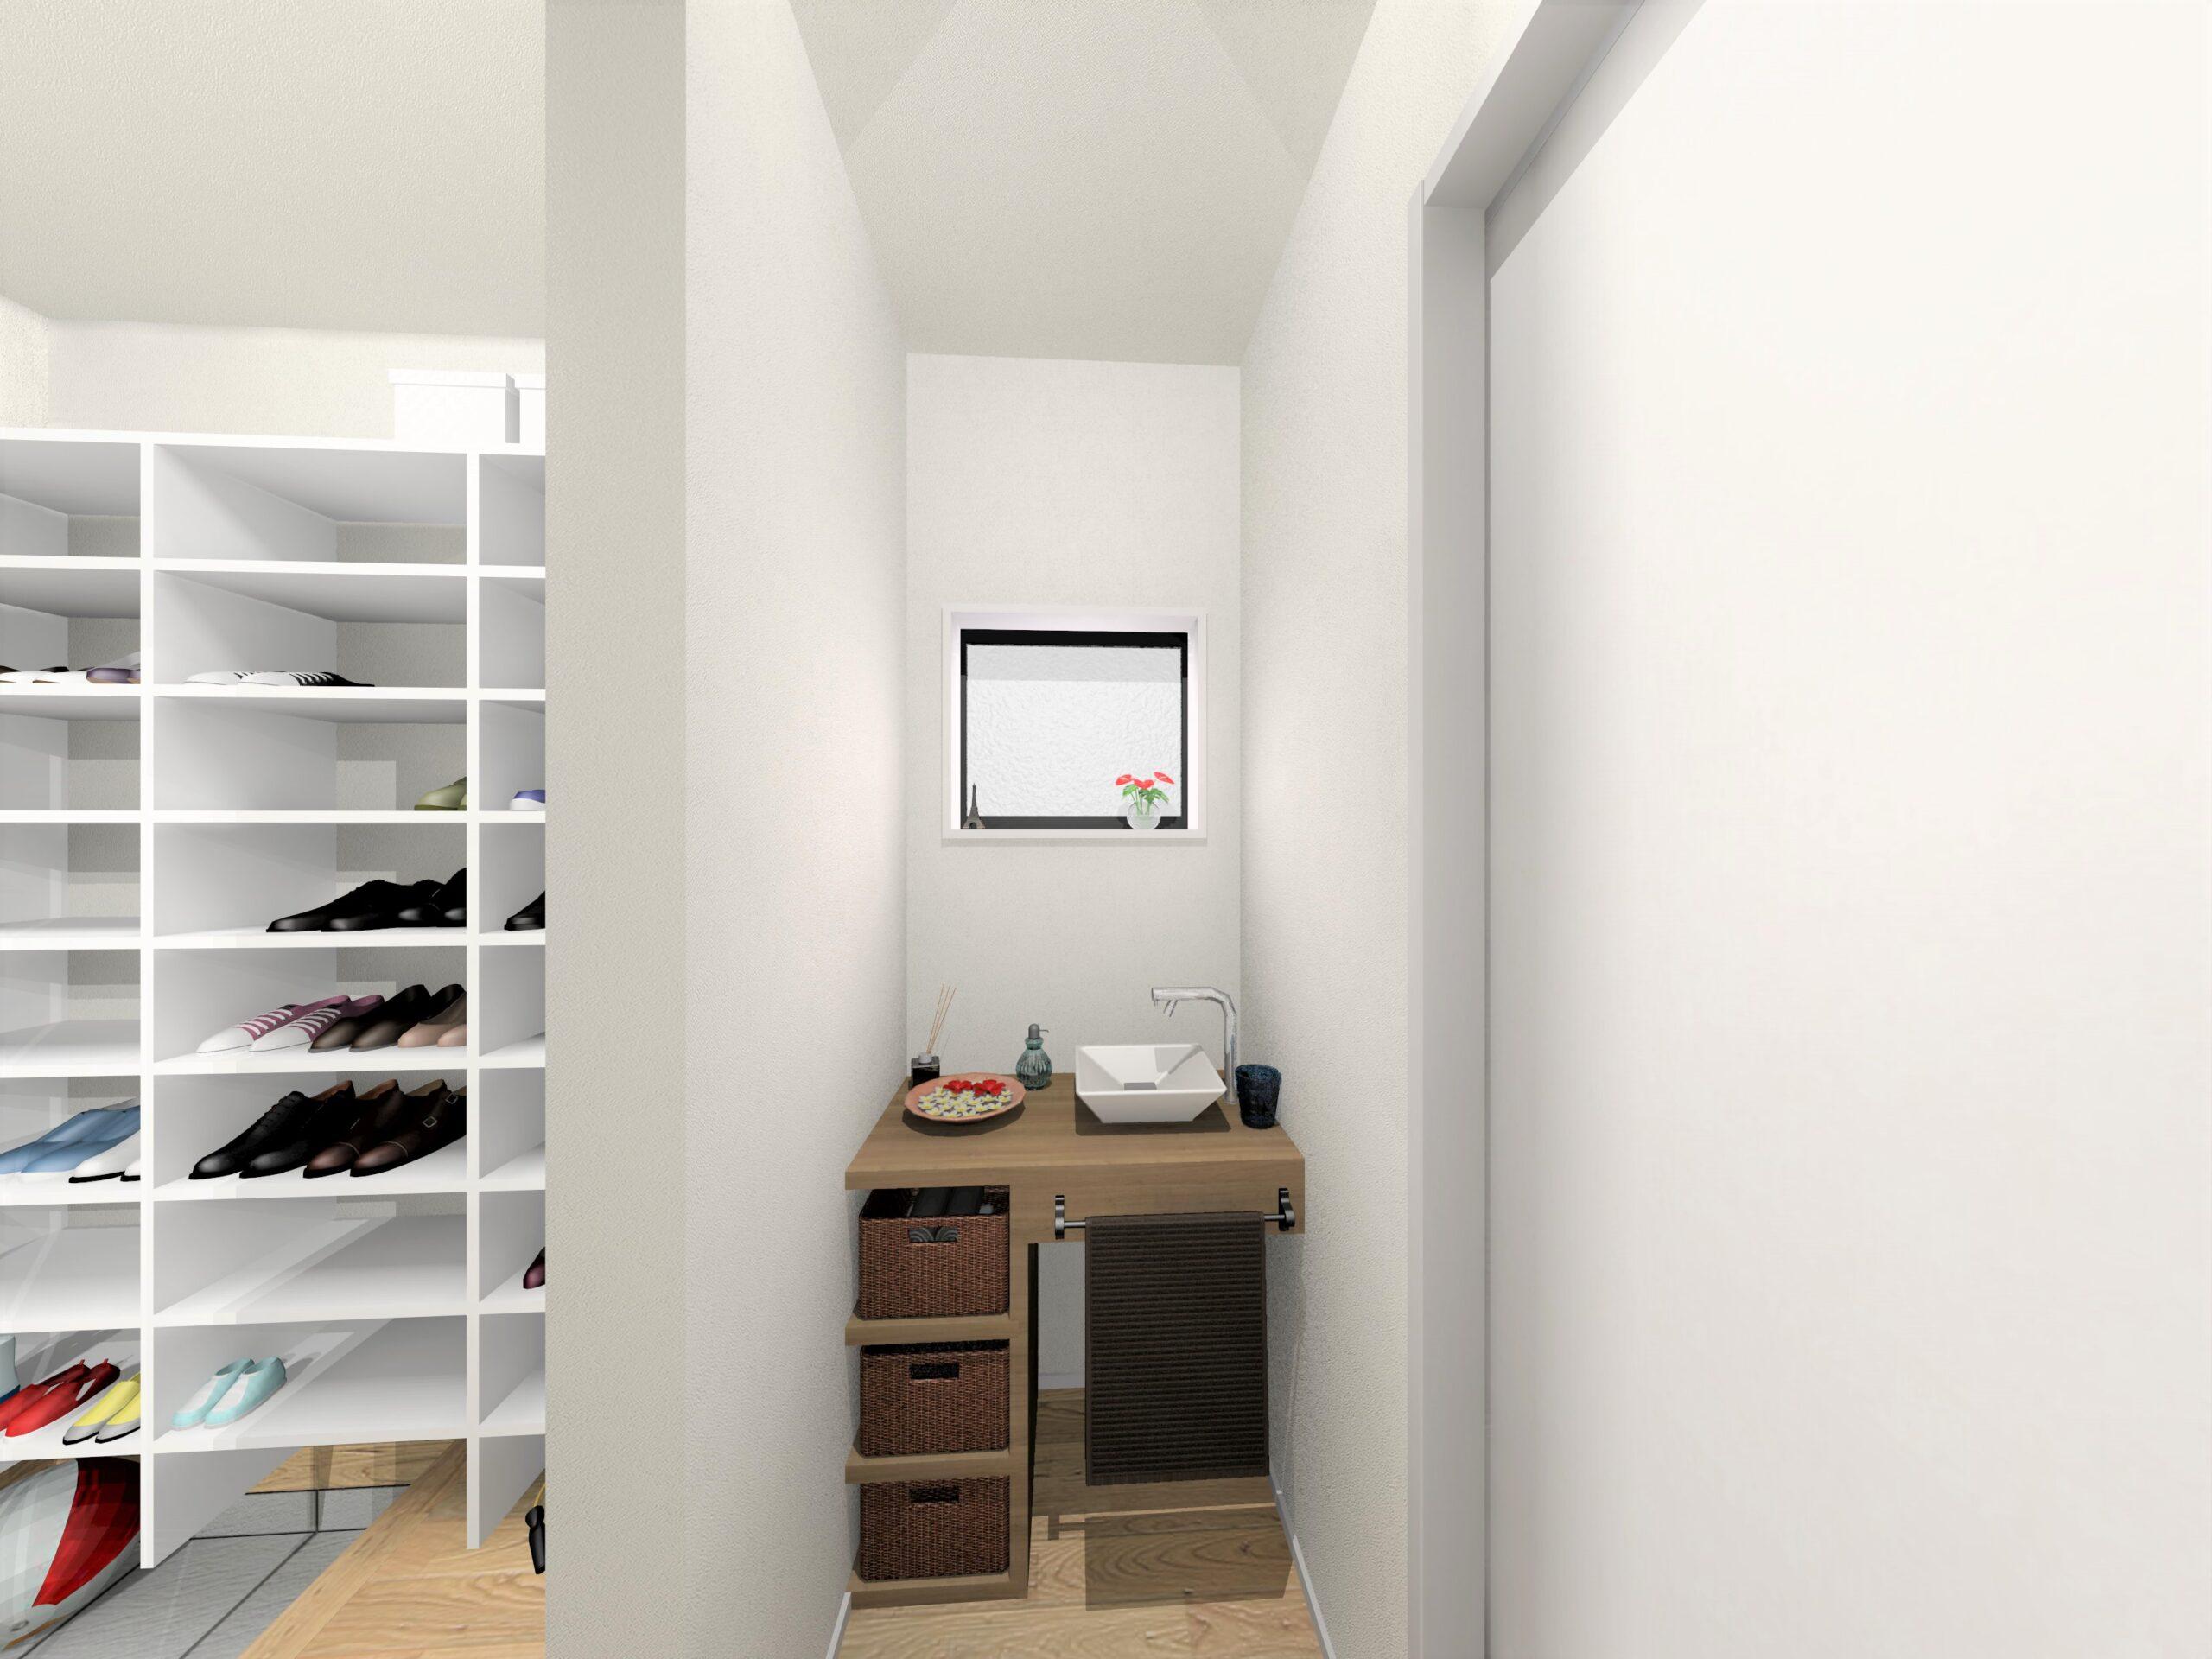 嬉野市新築建売住宅【OURS下宿】5号地ファミリーホールパース